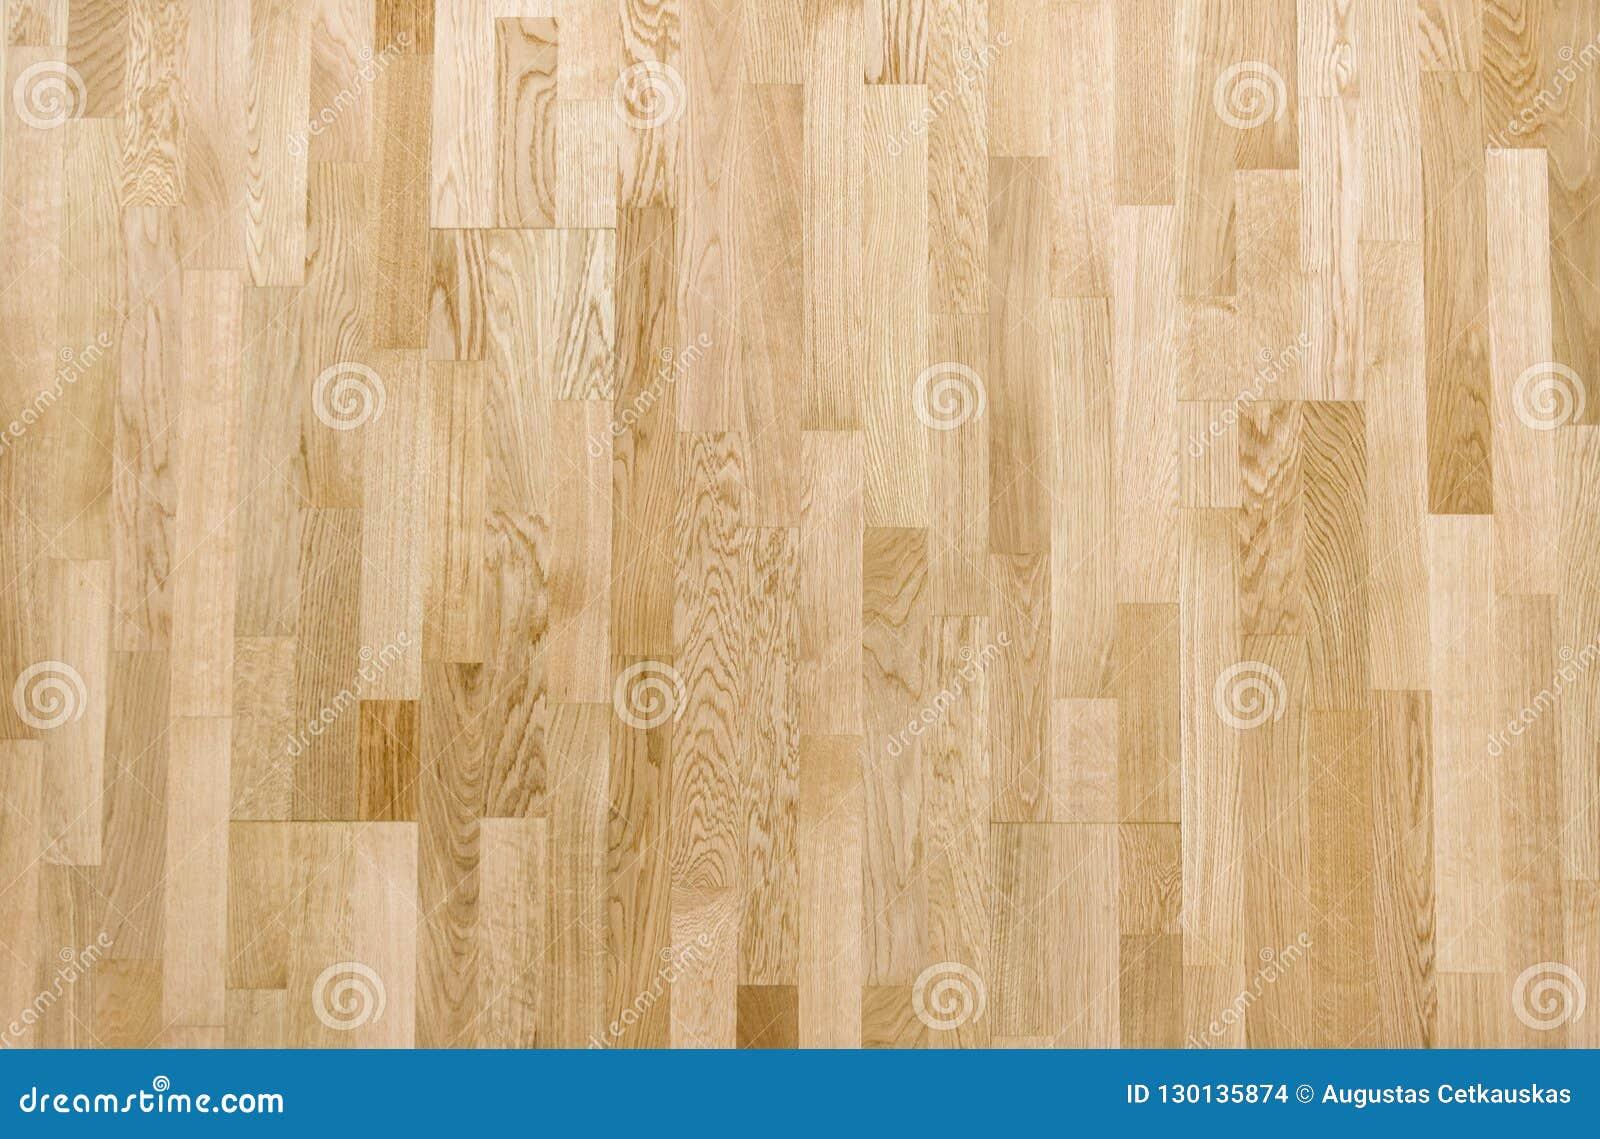 De textuurachtergrond van het Grunge houten patroon, houten parket backgroun